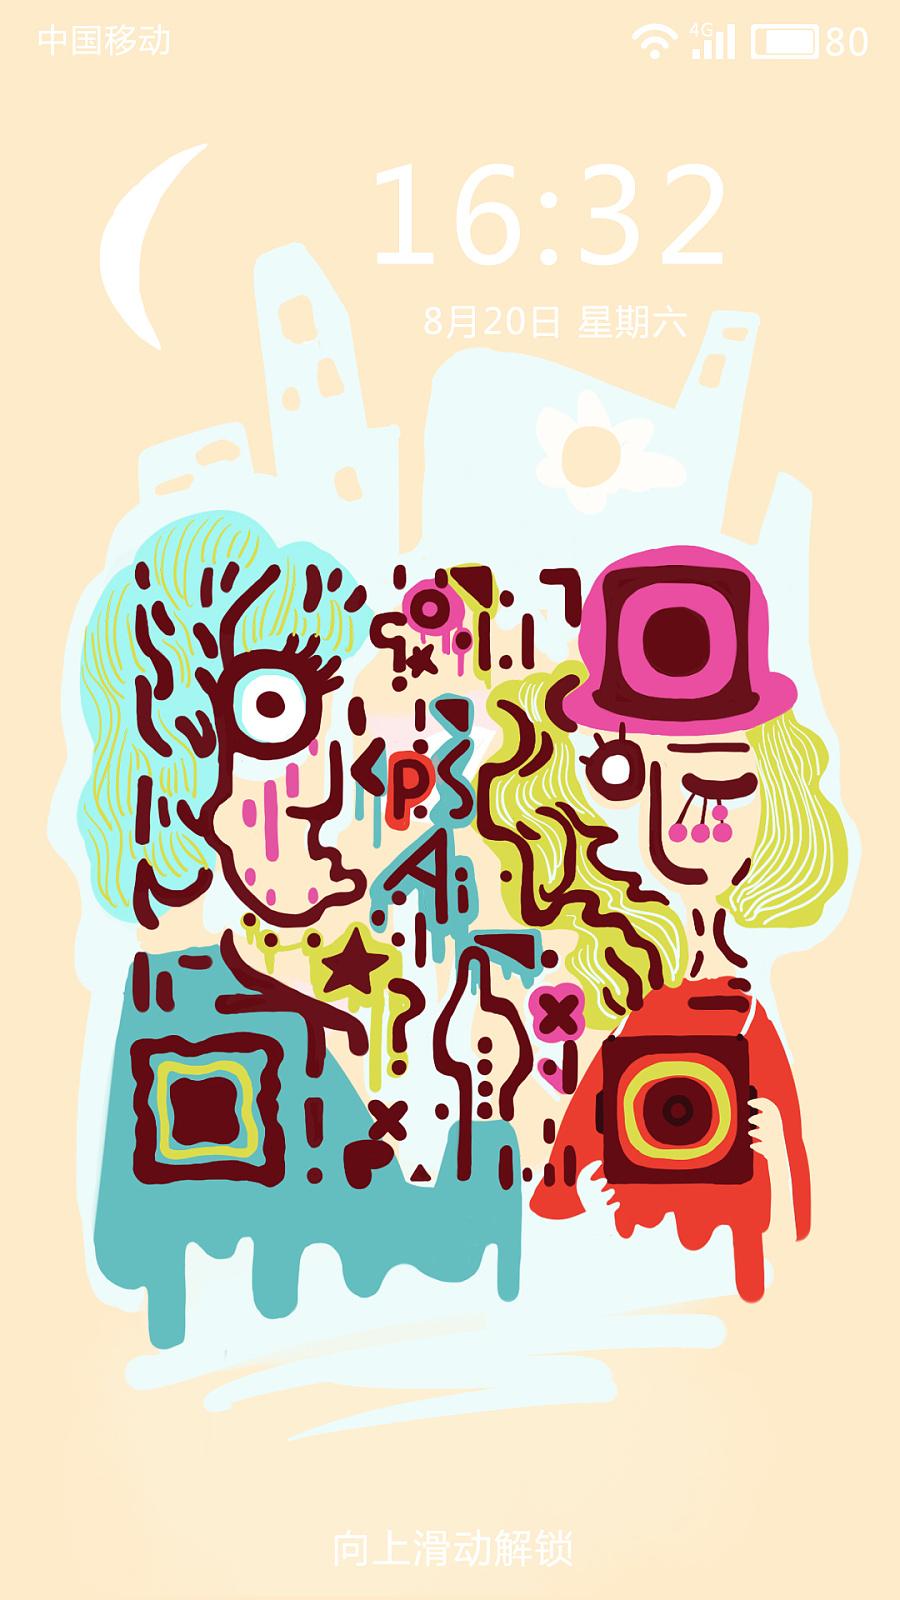 查看《第九工场艺术二维码第七期学员锁屏作品展示》原图,原图尺寸:1080x1920